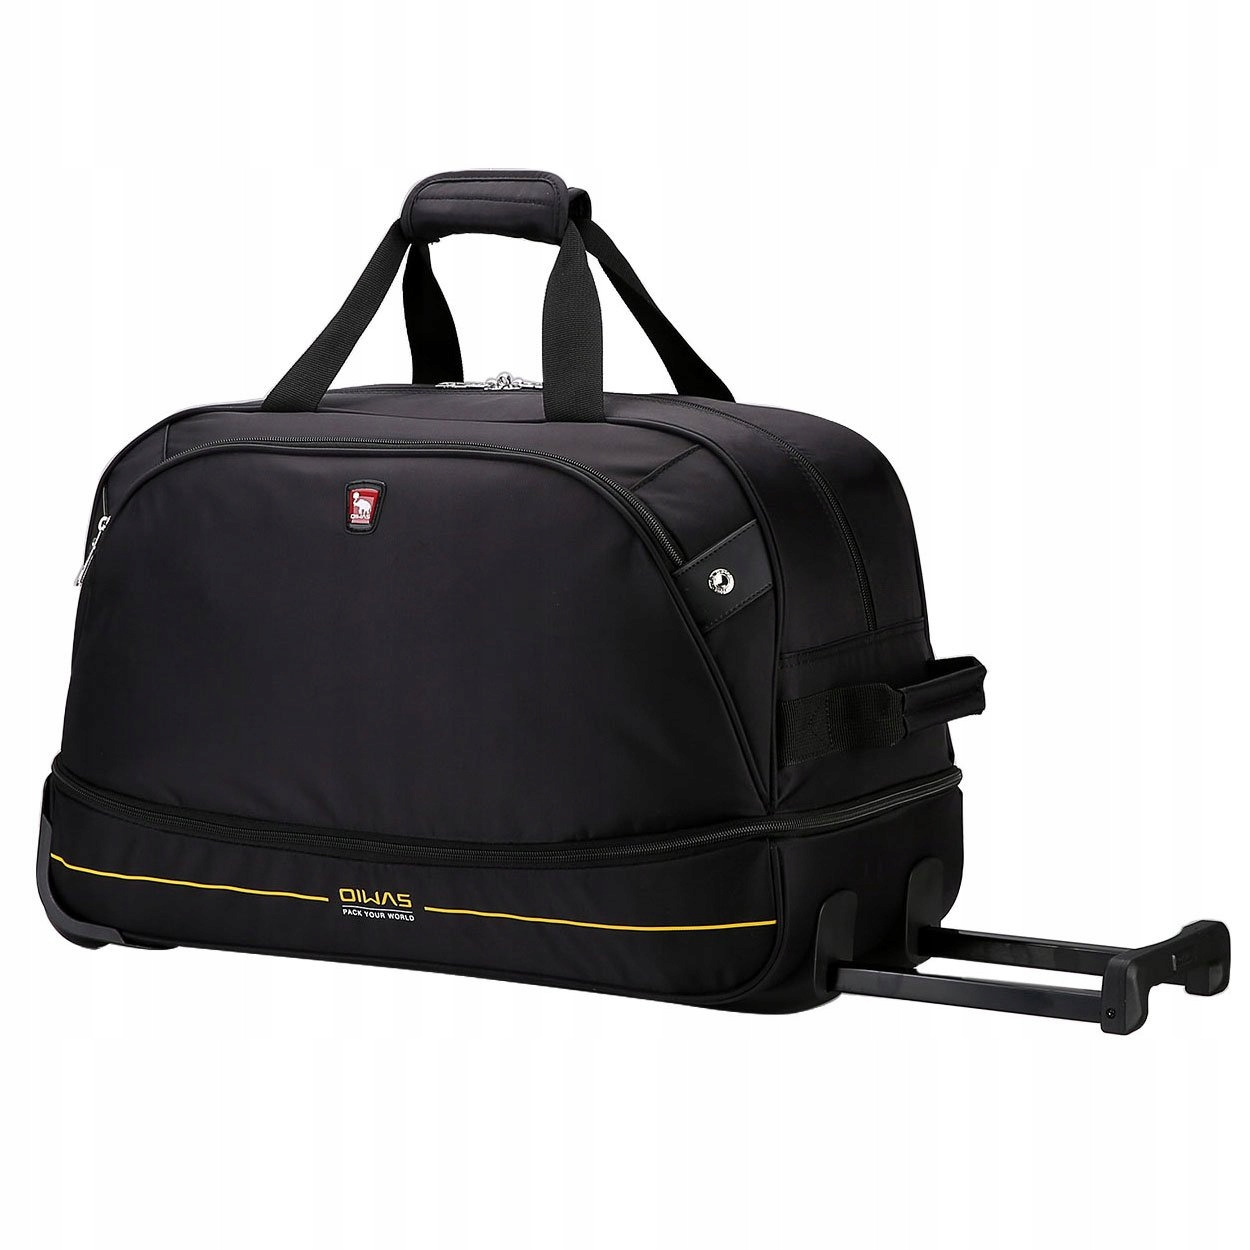 Cestovná taška na kolieskach OIWAS